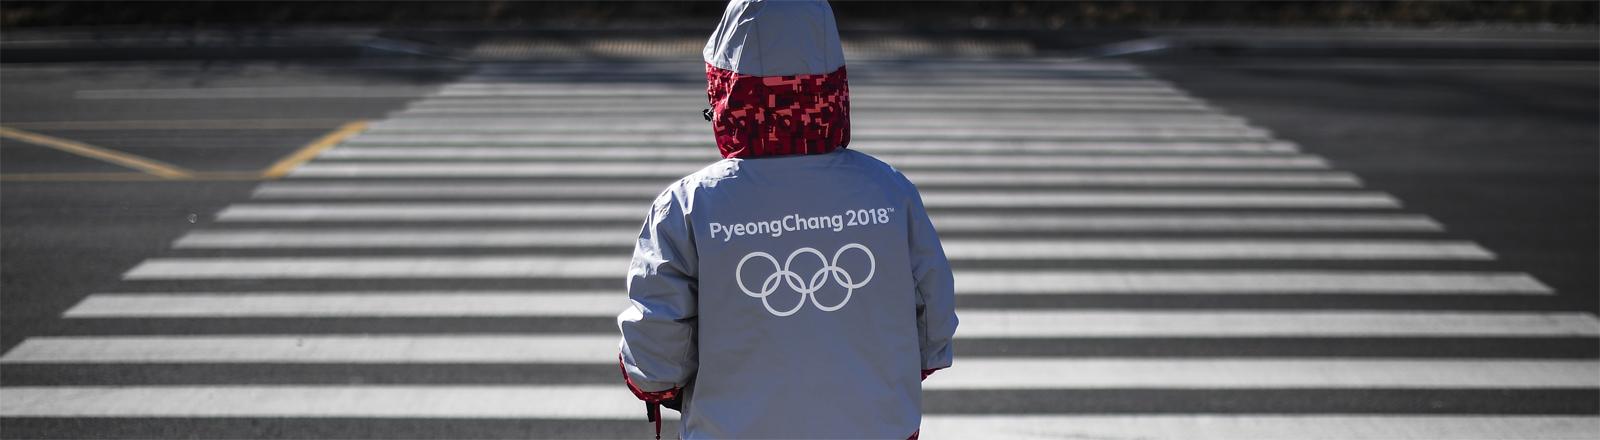 Hier gelten andere Sitten: ein Olympia-Freiwilliger in Pyeongchang